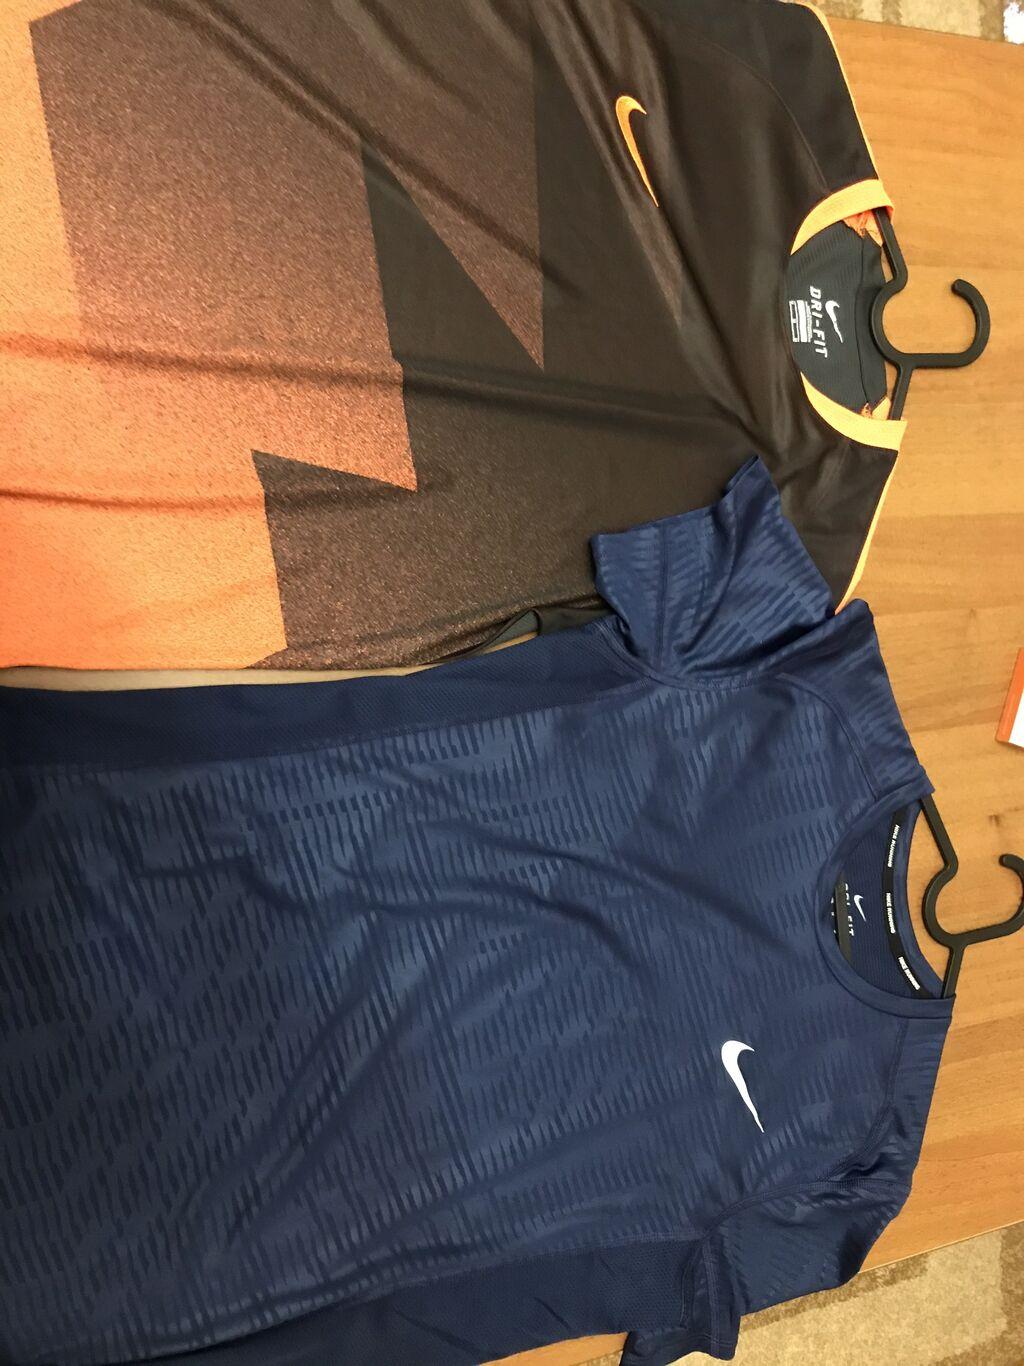 Новые футболки! Цена: 1500сом по цене: 1500 KGS: Новые футболки! Цена: 1500сом